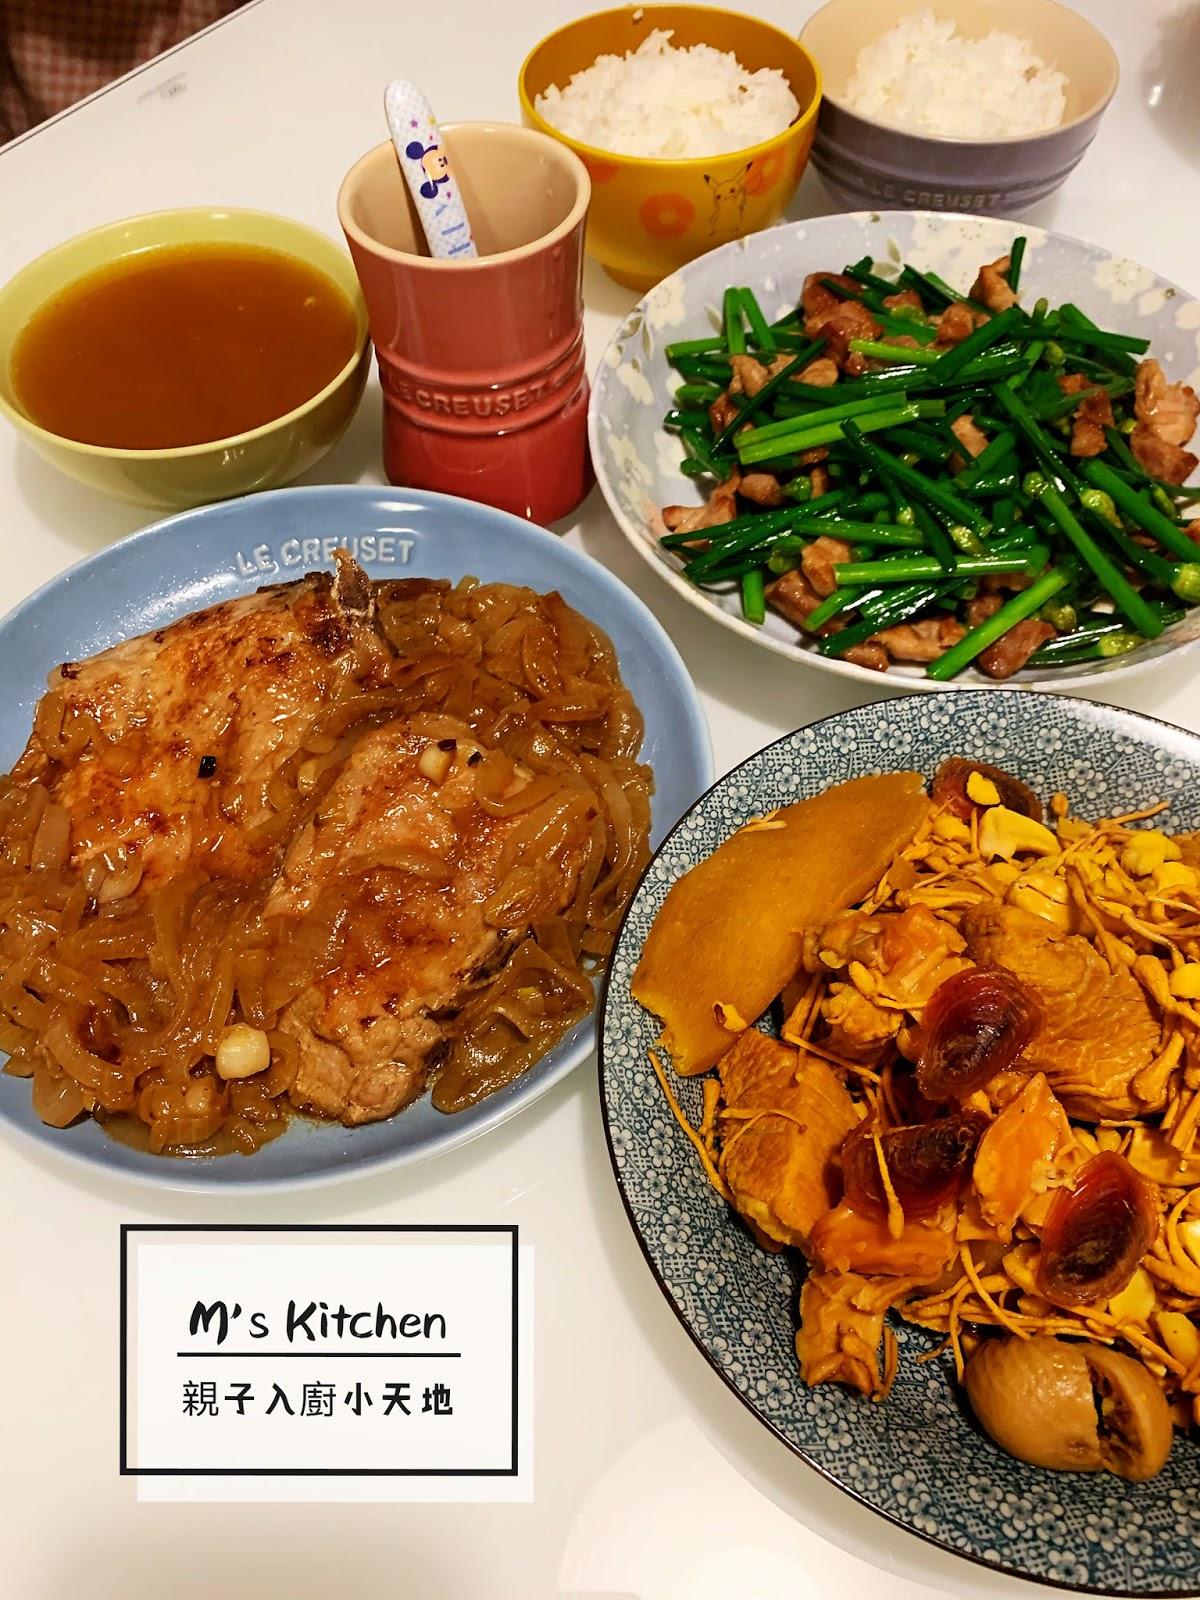 M's Kitchen: 煎厚豬扒@洋蔥汁